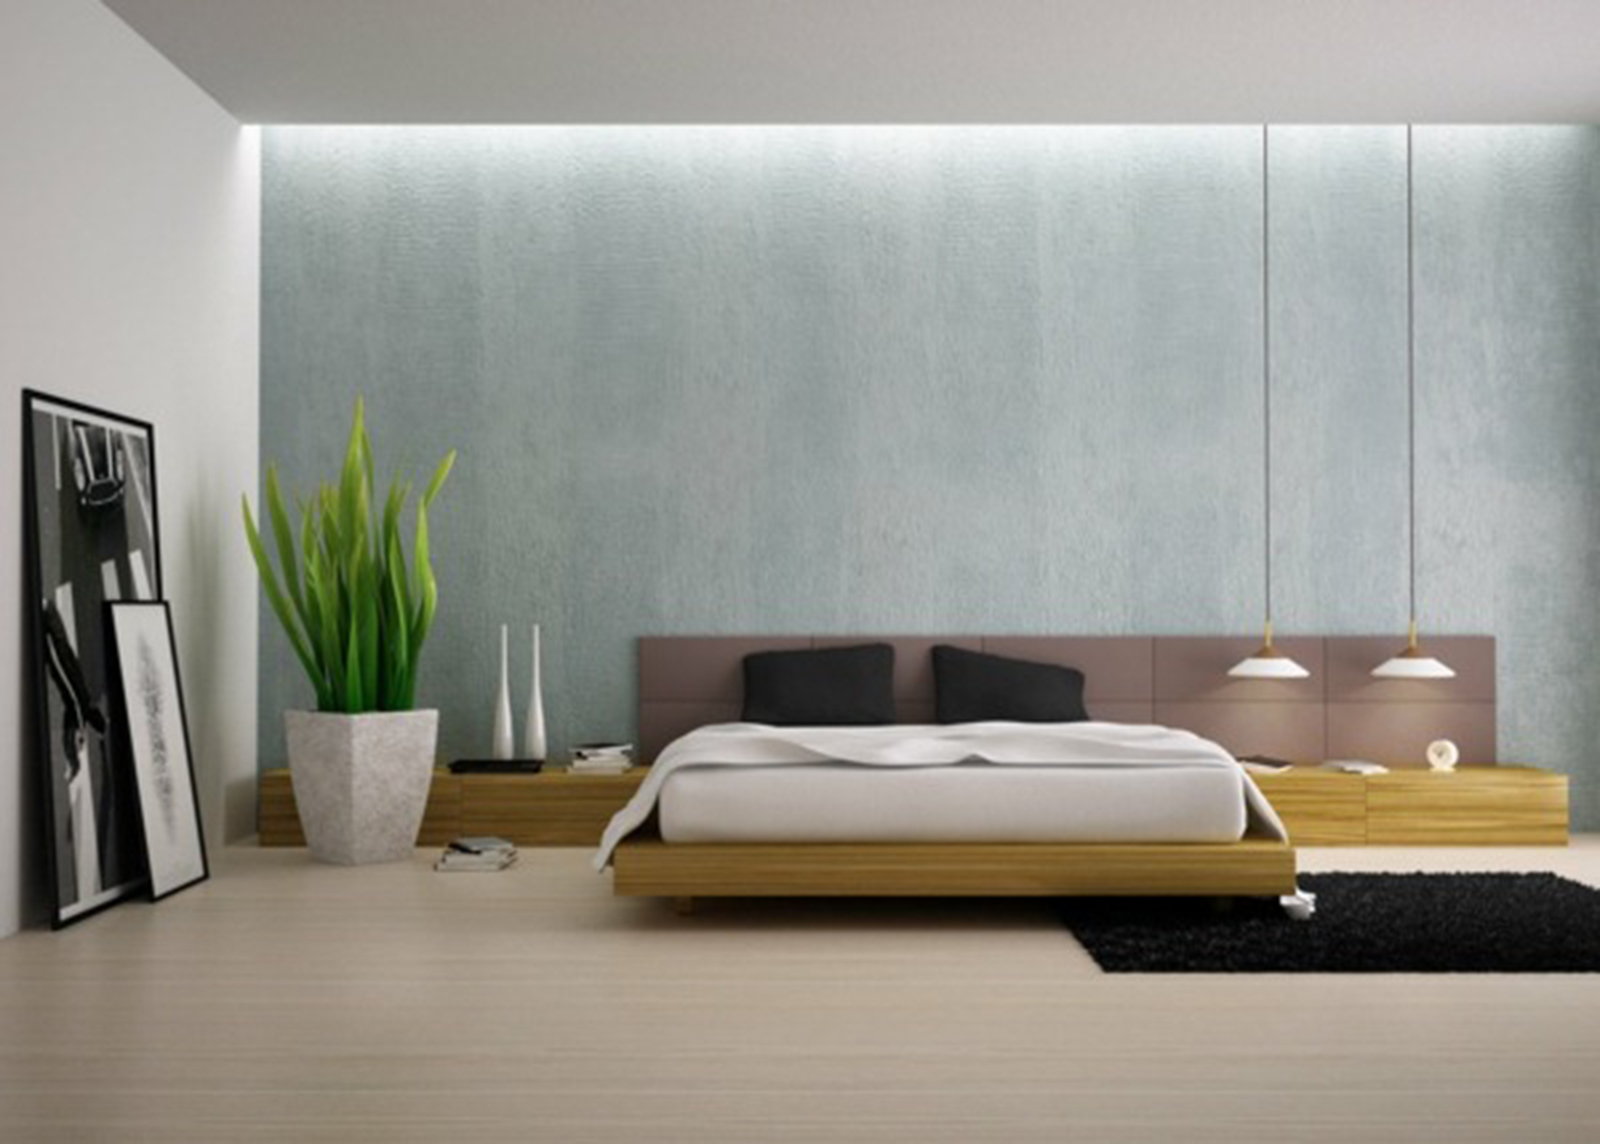 Votre chambre estelle Feng Shui   Viving